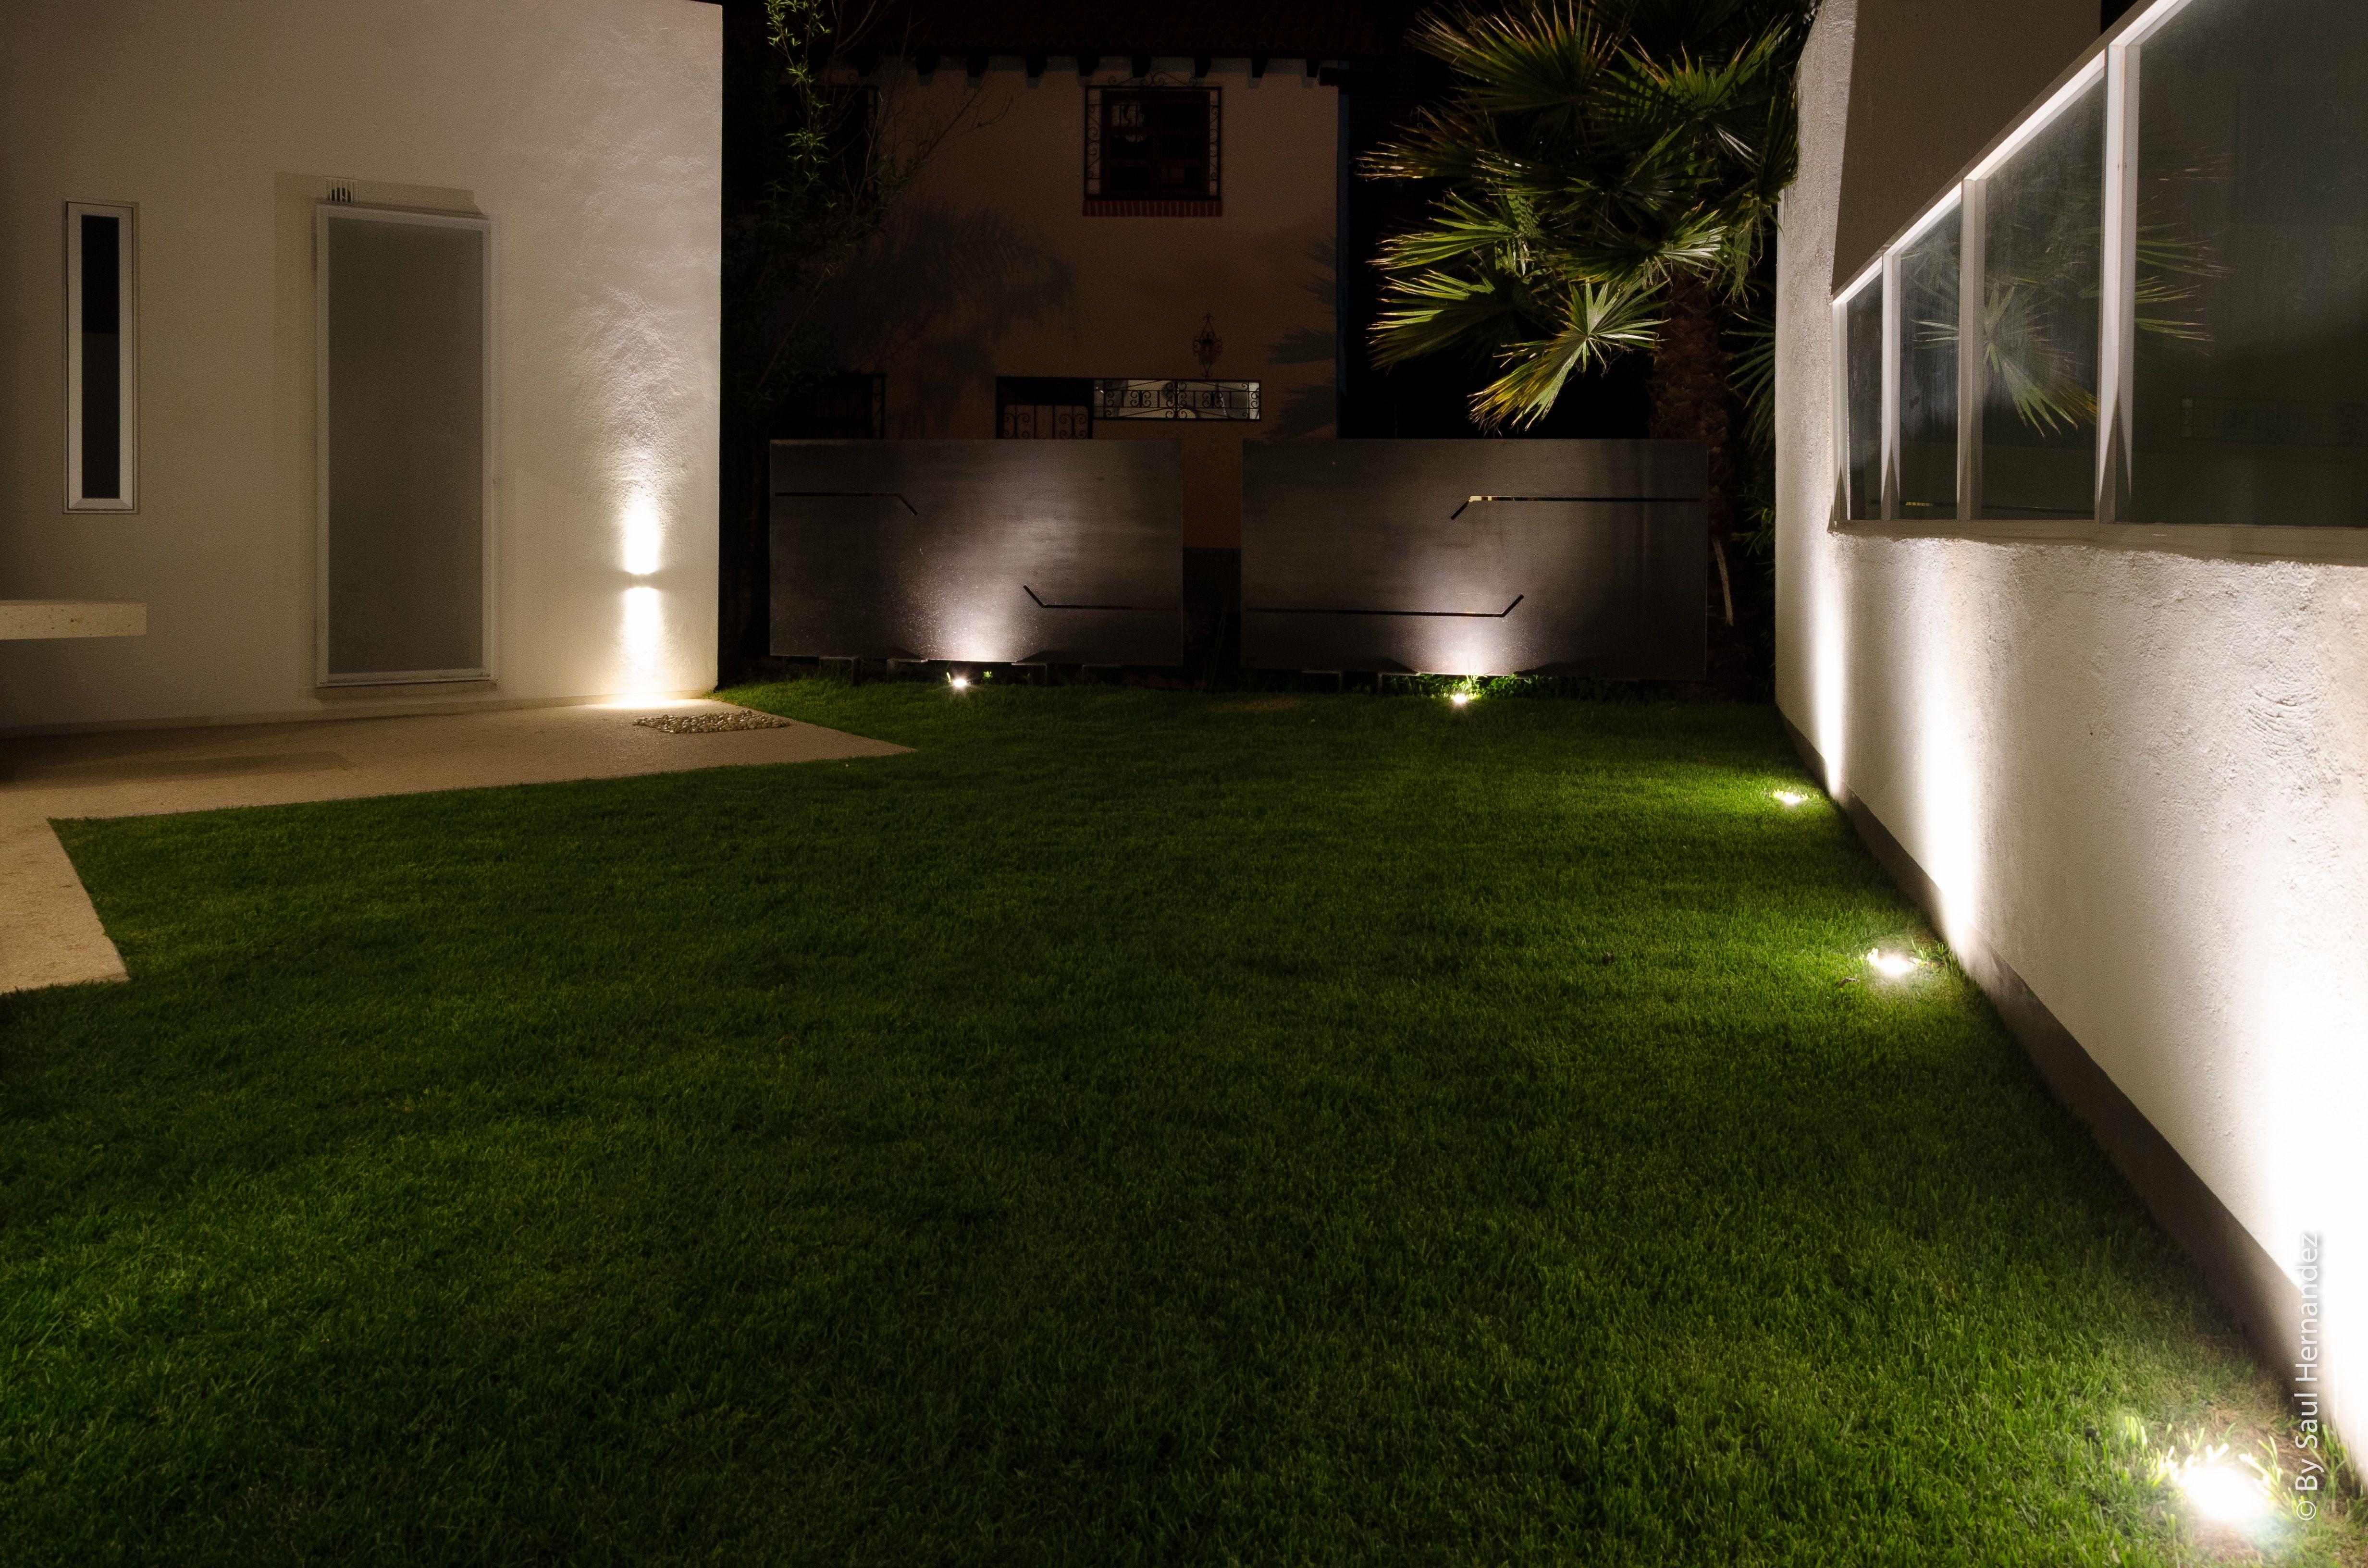 Iluminacion jardin la eleccin adecuada de la iluminacin - Iluminacion led jardin ...